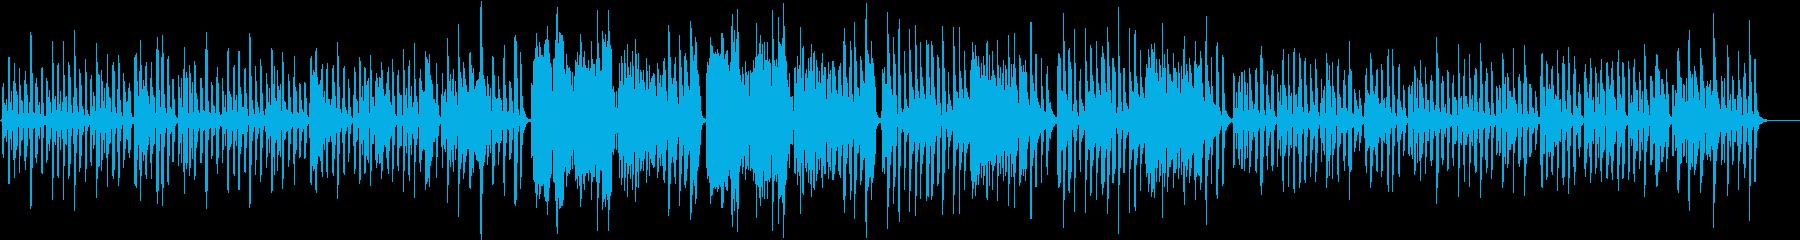 ゴセックのガヴォットを生ヴァイオリンでの再生済みの波形